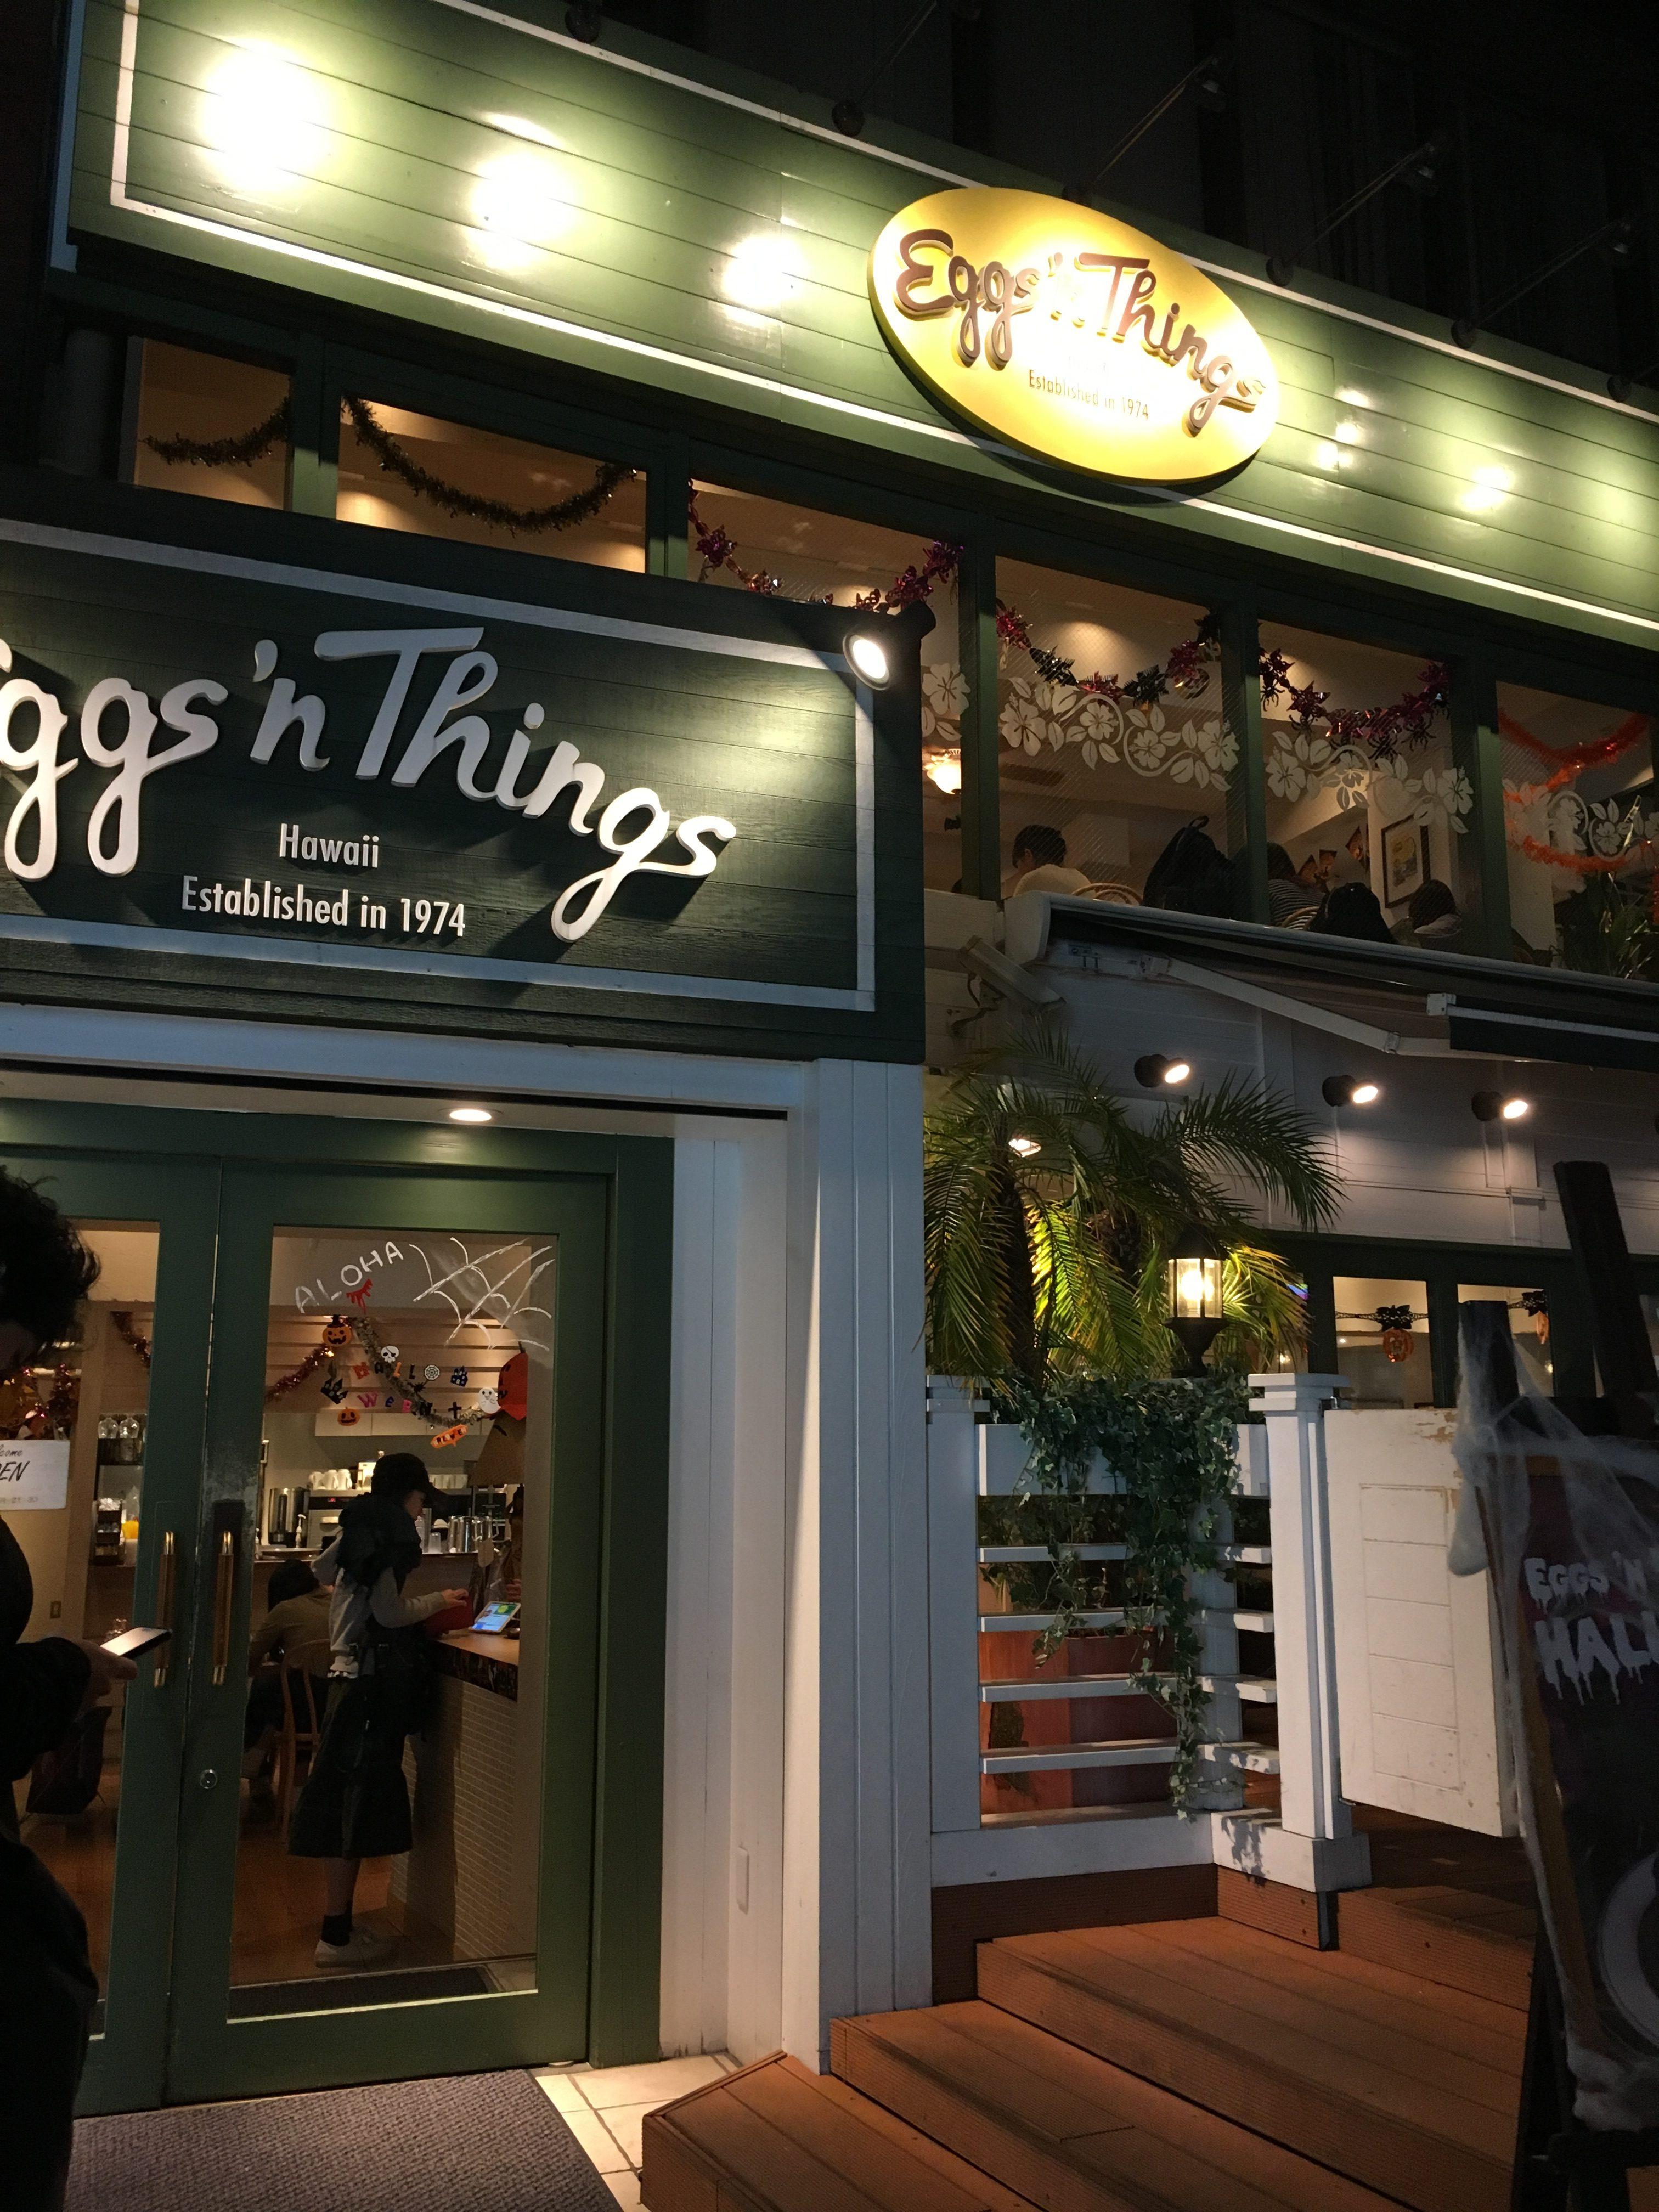 ナオミとカナコのロケ地:Eggs 'n Things 原宿店